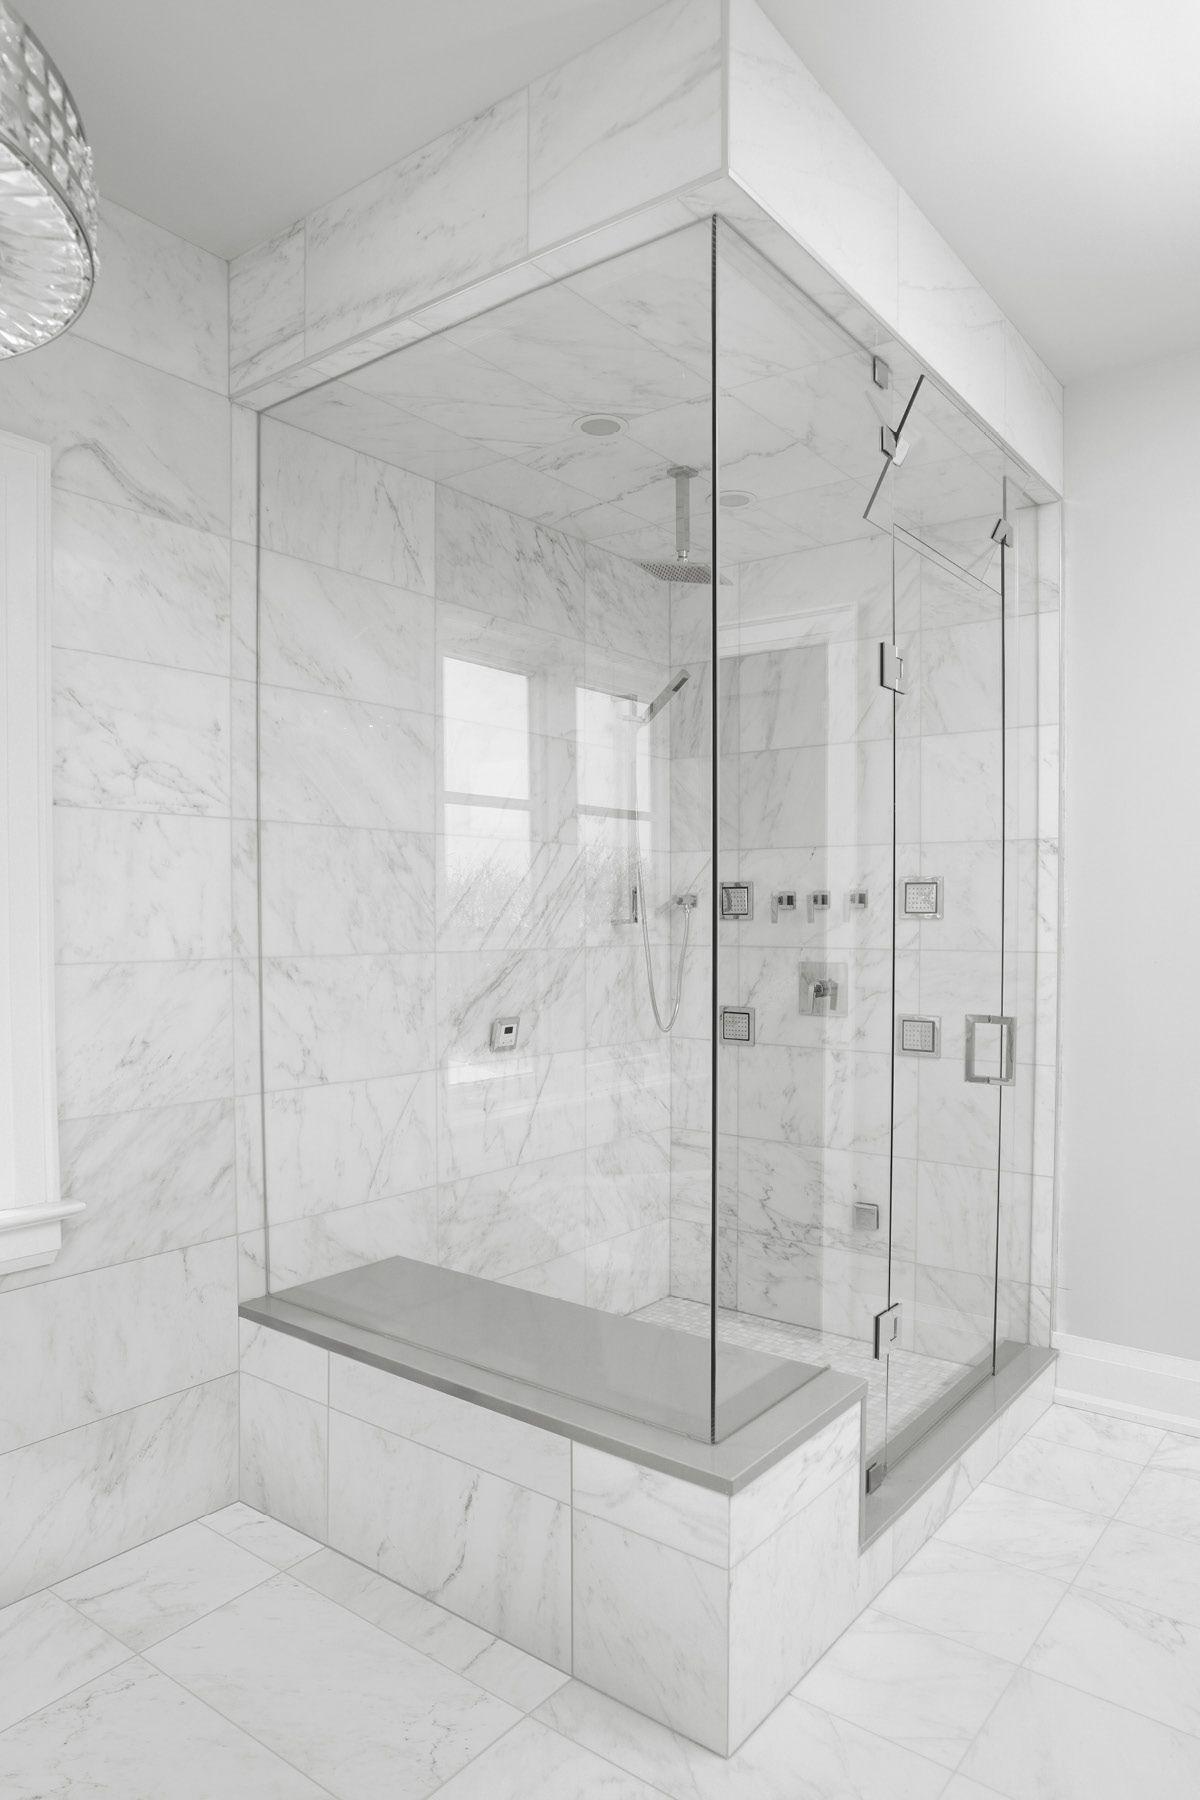 Anatolia Marmiline Bathroom Flooring Trends Bathroom Flooring